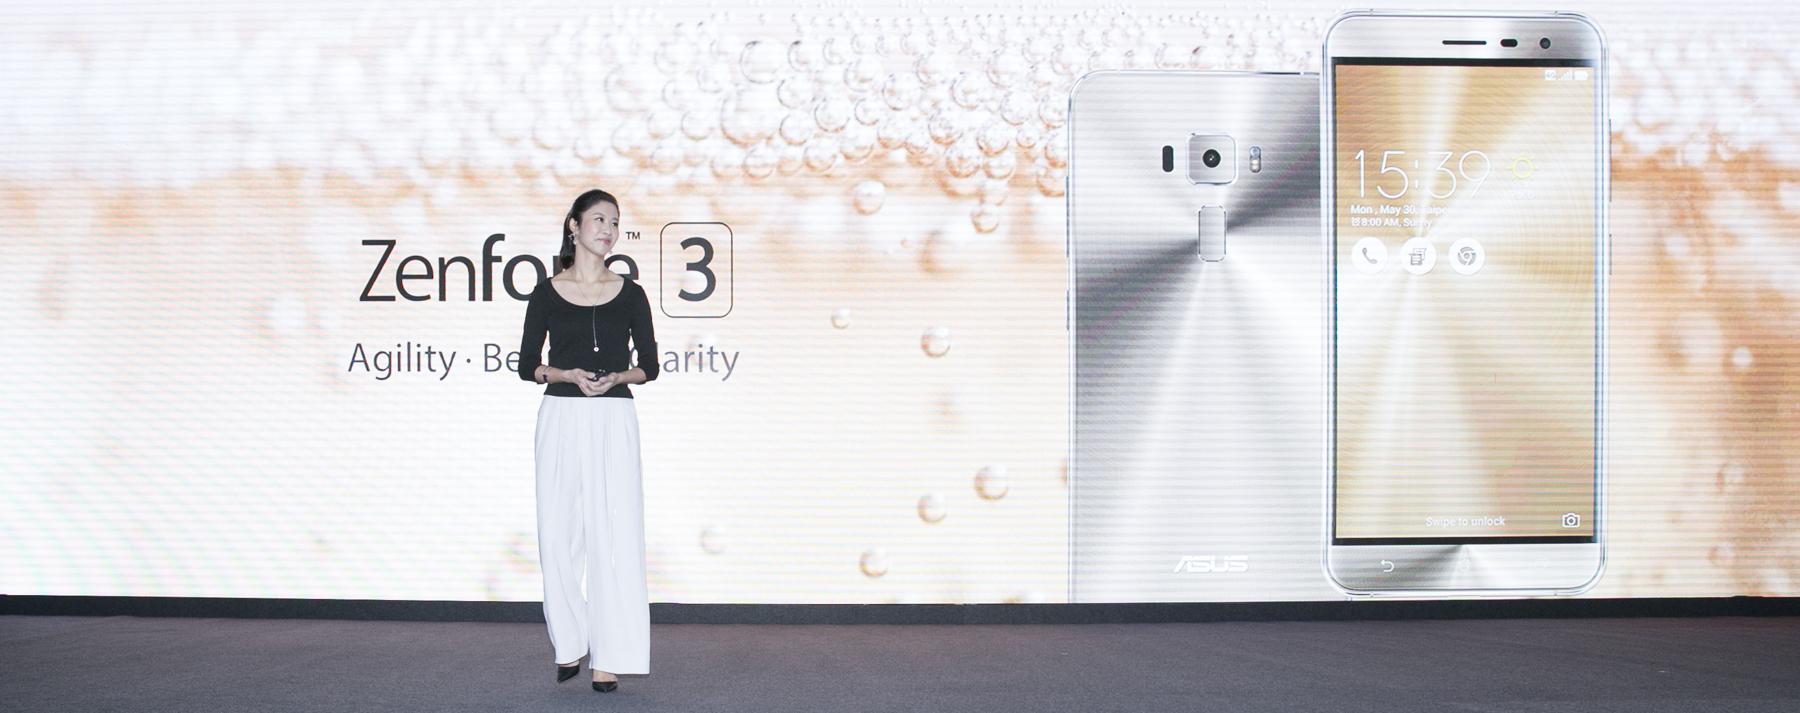 ASUS vývojárka Jen Chuang hovorí o efektnom vyhotovení telefónu ZenFone 3